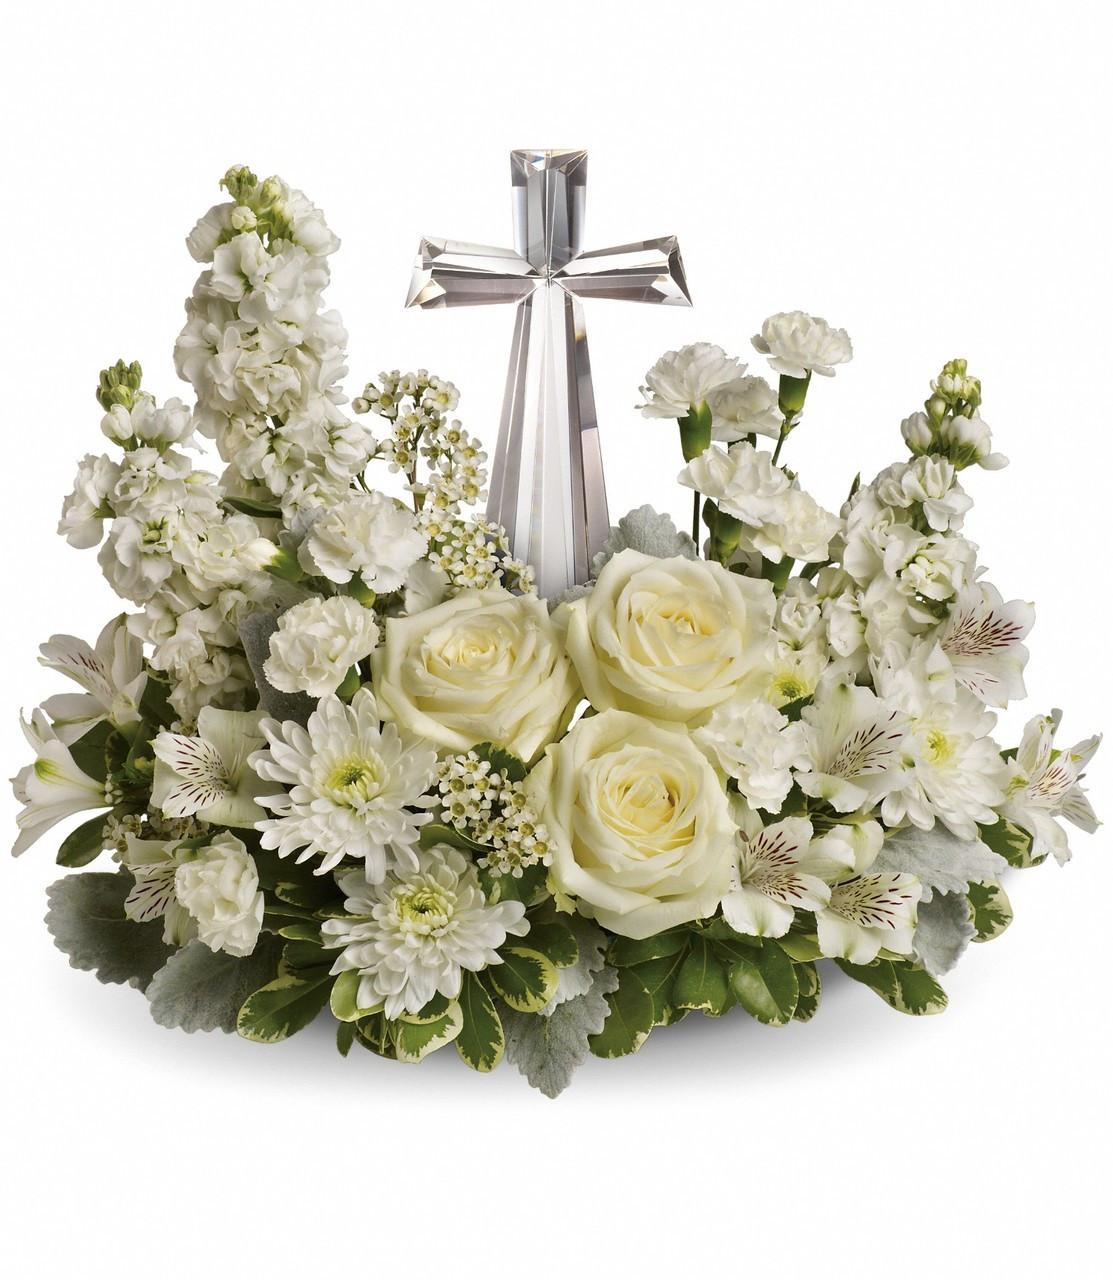 Cross funeral flowers clip art izmirmasajfo